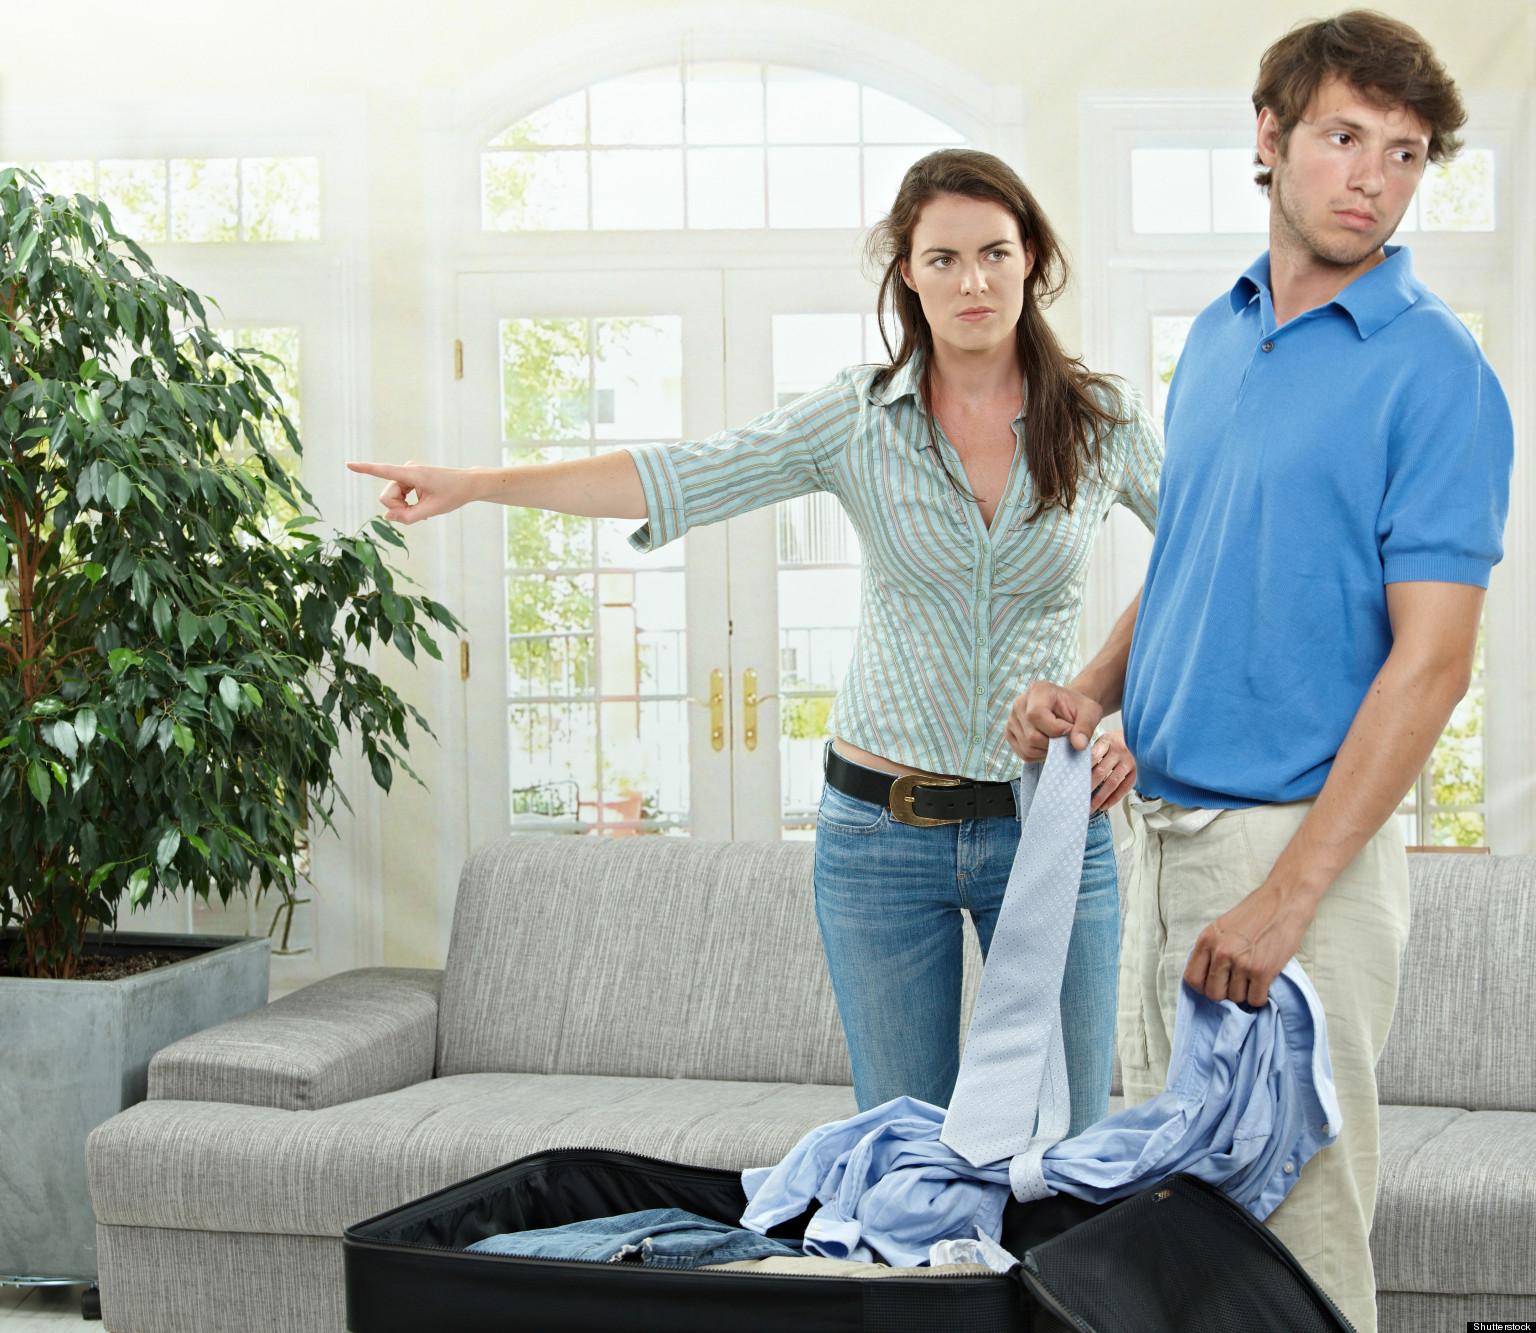 Как выписать бывшего мужа из квартиры после развода без его согласия